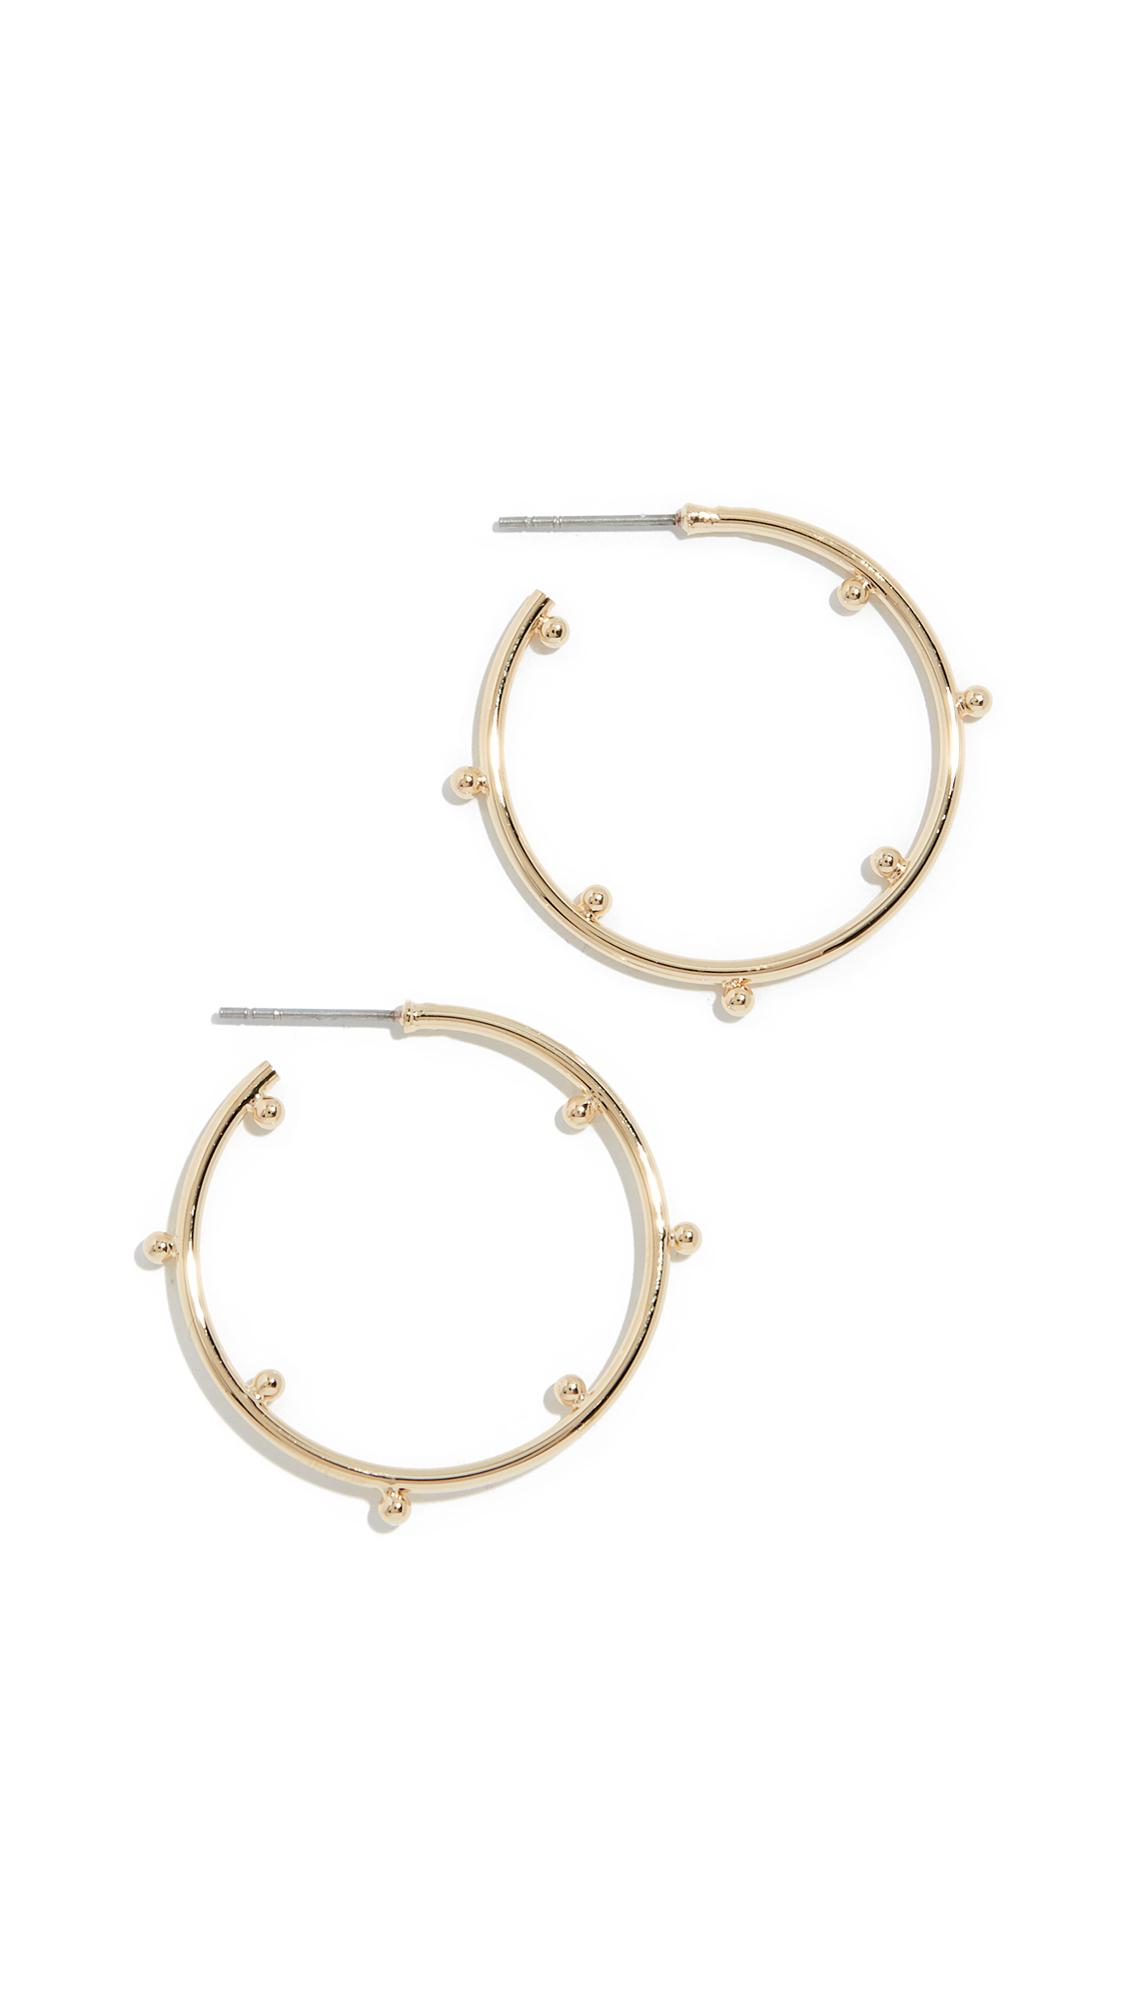 JULES SMITH Ava Hoop Earrings in Gold